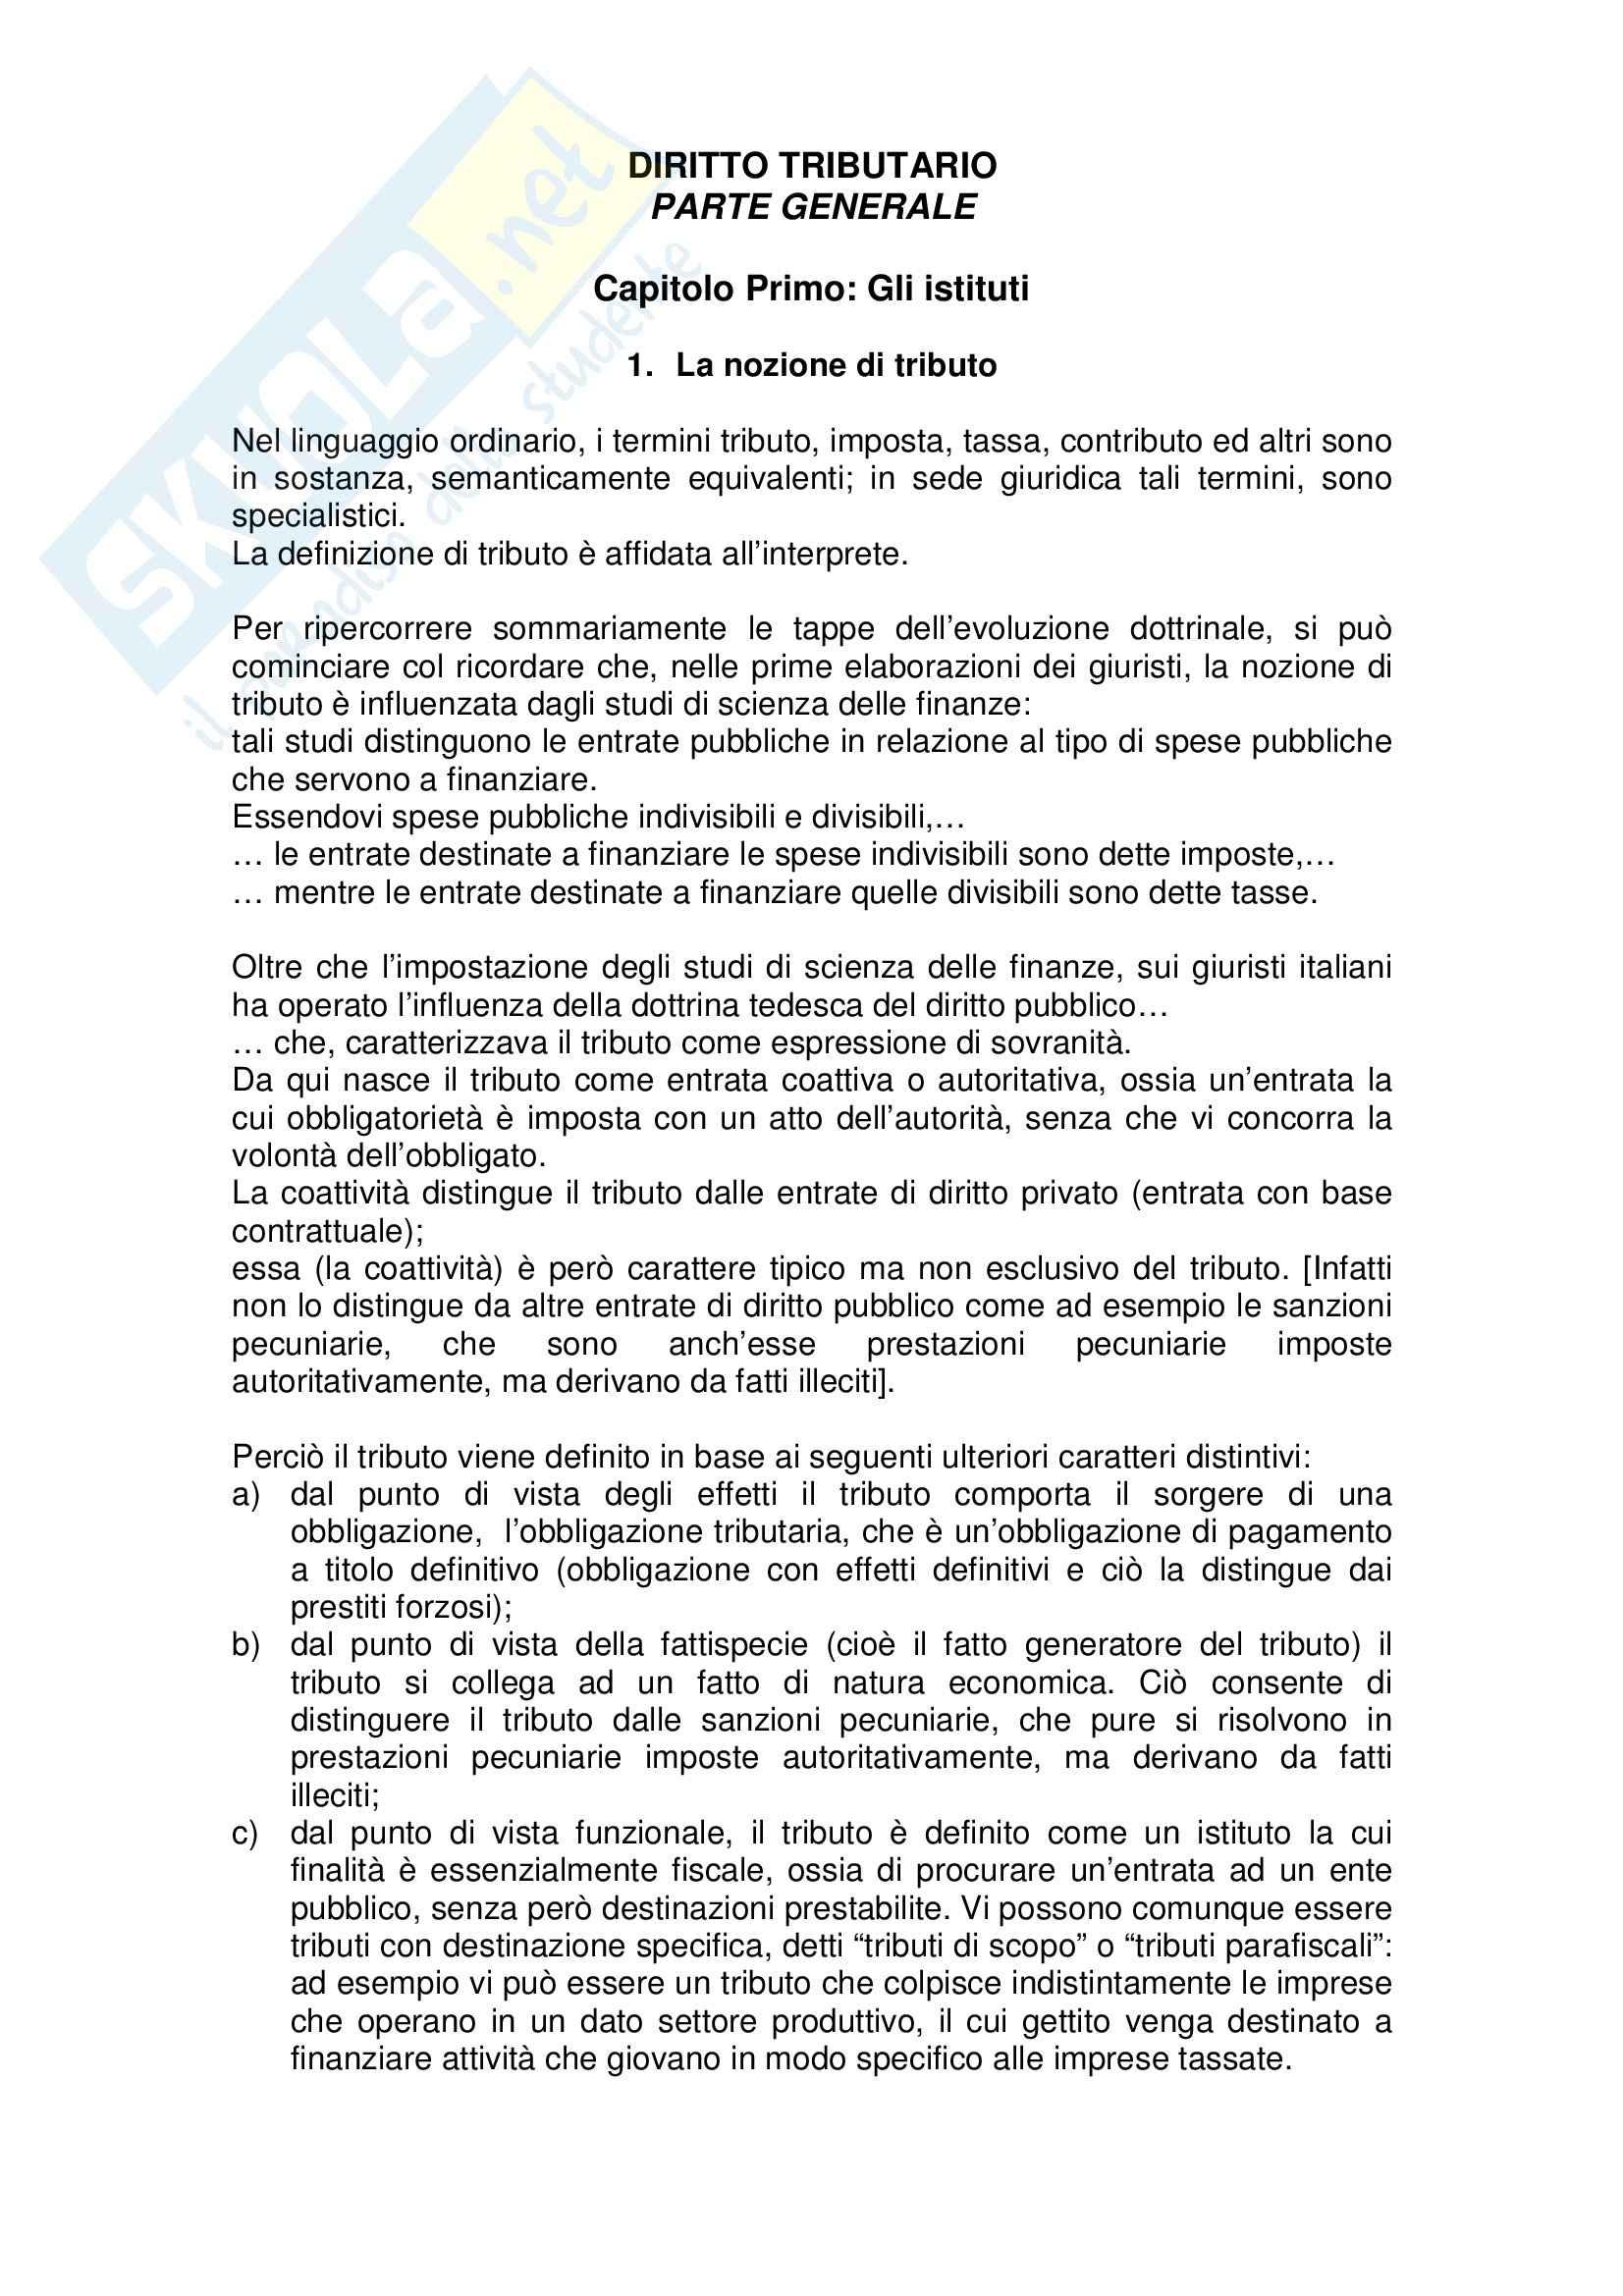 Riassunto esame Diritto Tributario, prof. Marello, libro consigliato Compendio di Diritto Tributario, Tesauro